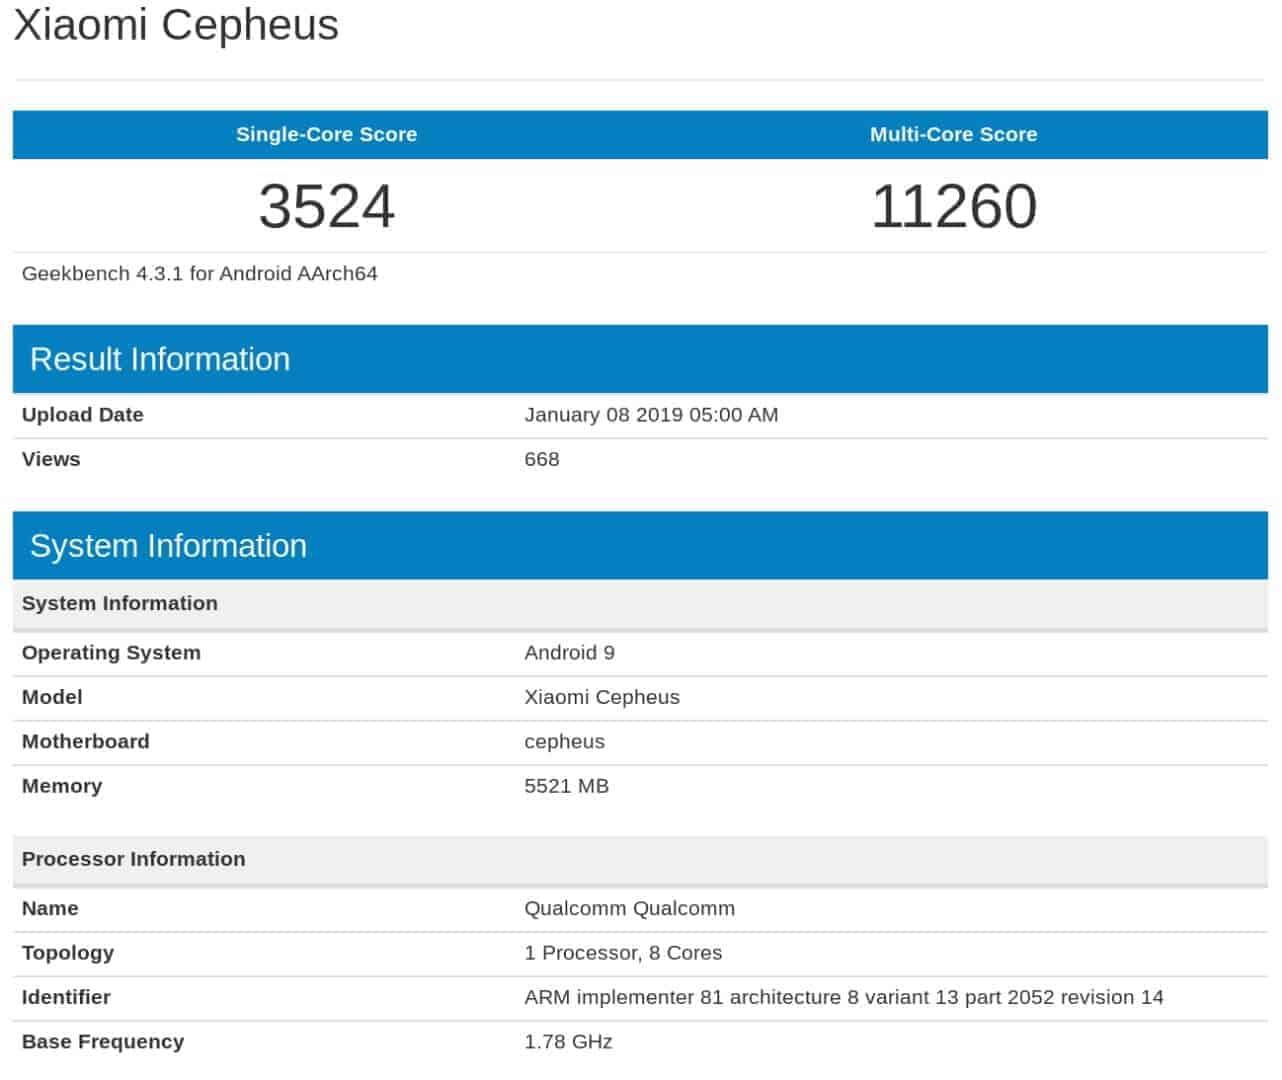 Xiaomi Cepheus Leaked Benchmark